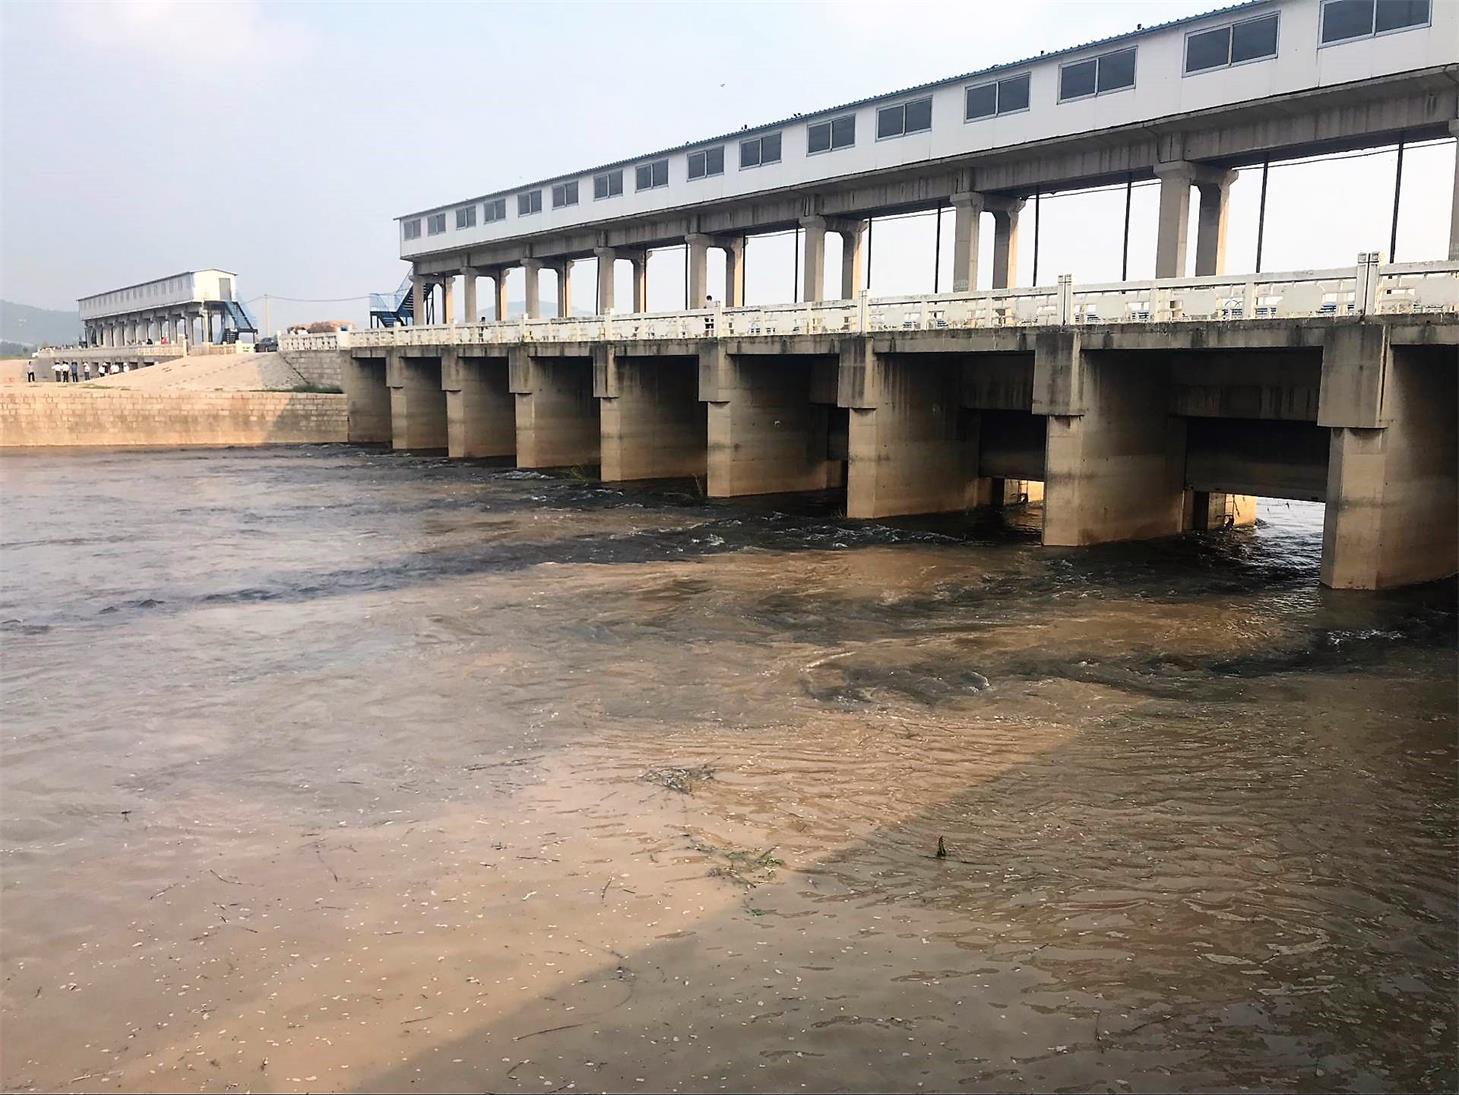 近日降雨影响,水位连日升高,东平湖开闸向黄河泄流